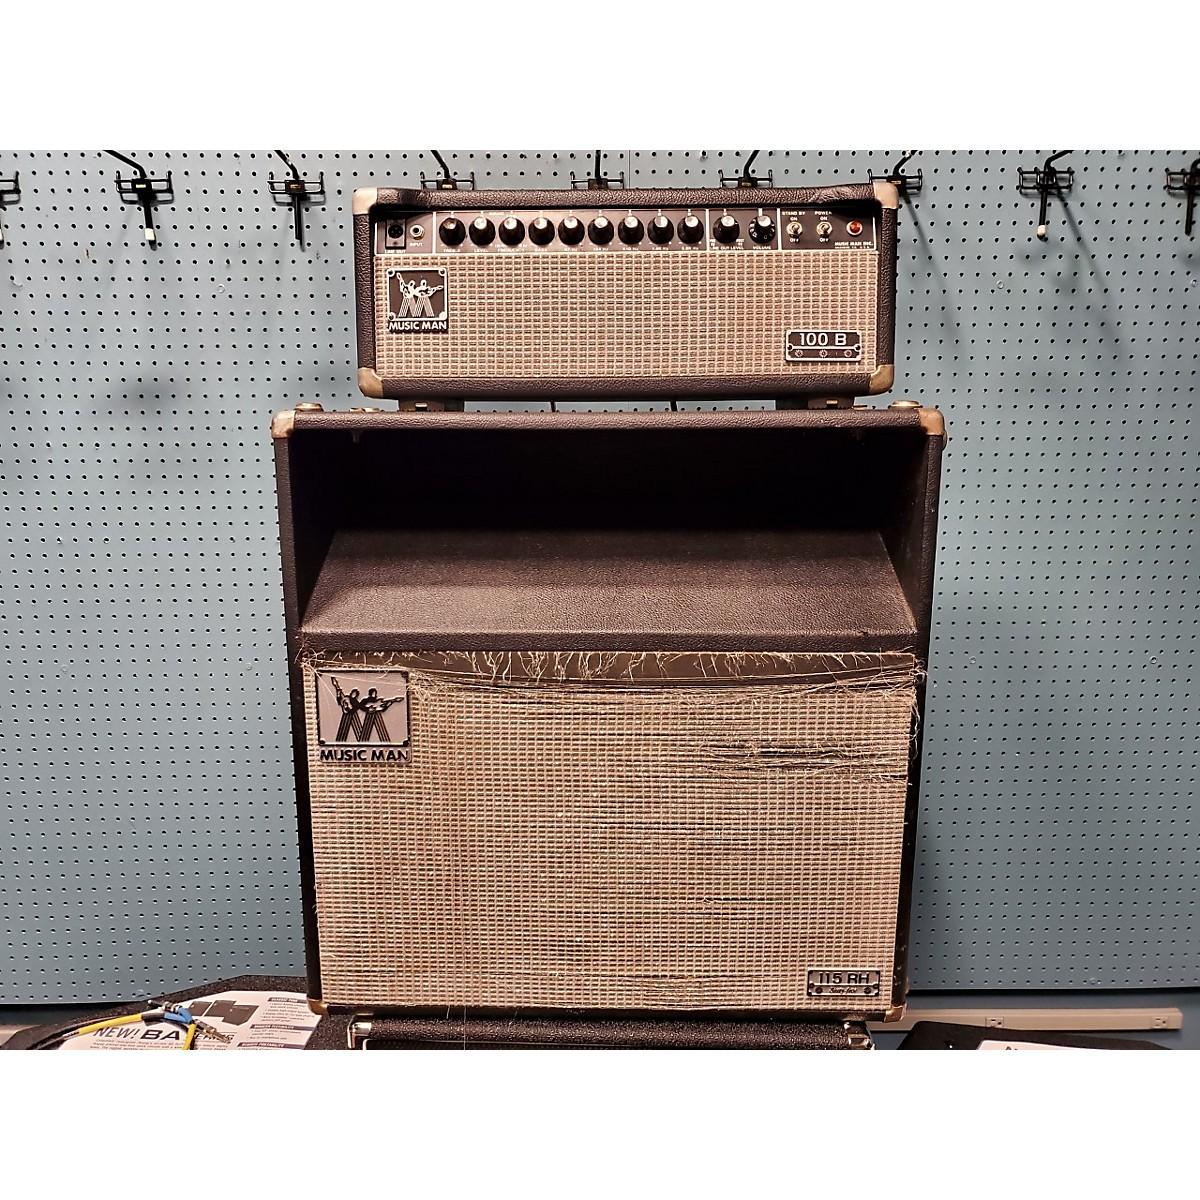 Ernie Ball Music Man 1970s 100 B Bass Head And Cab Tube Bass Amp Head